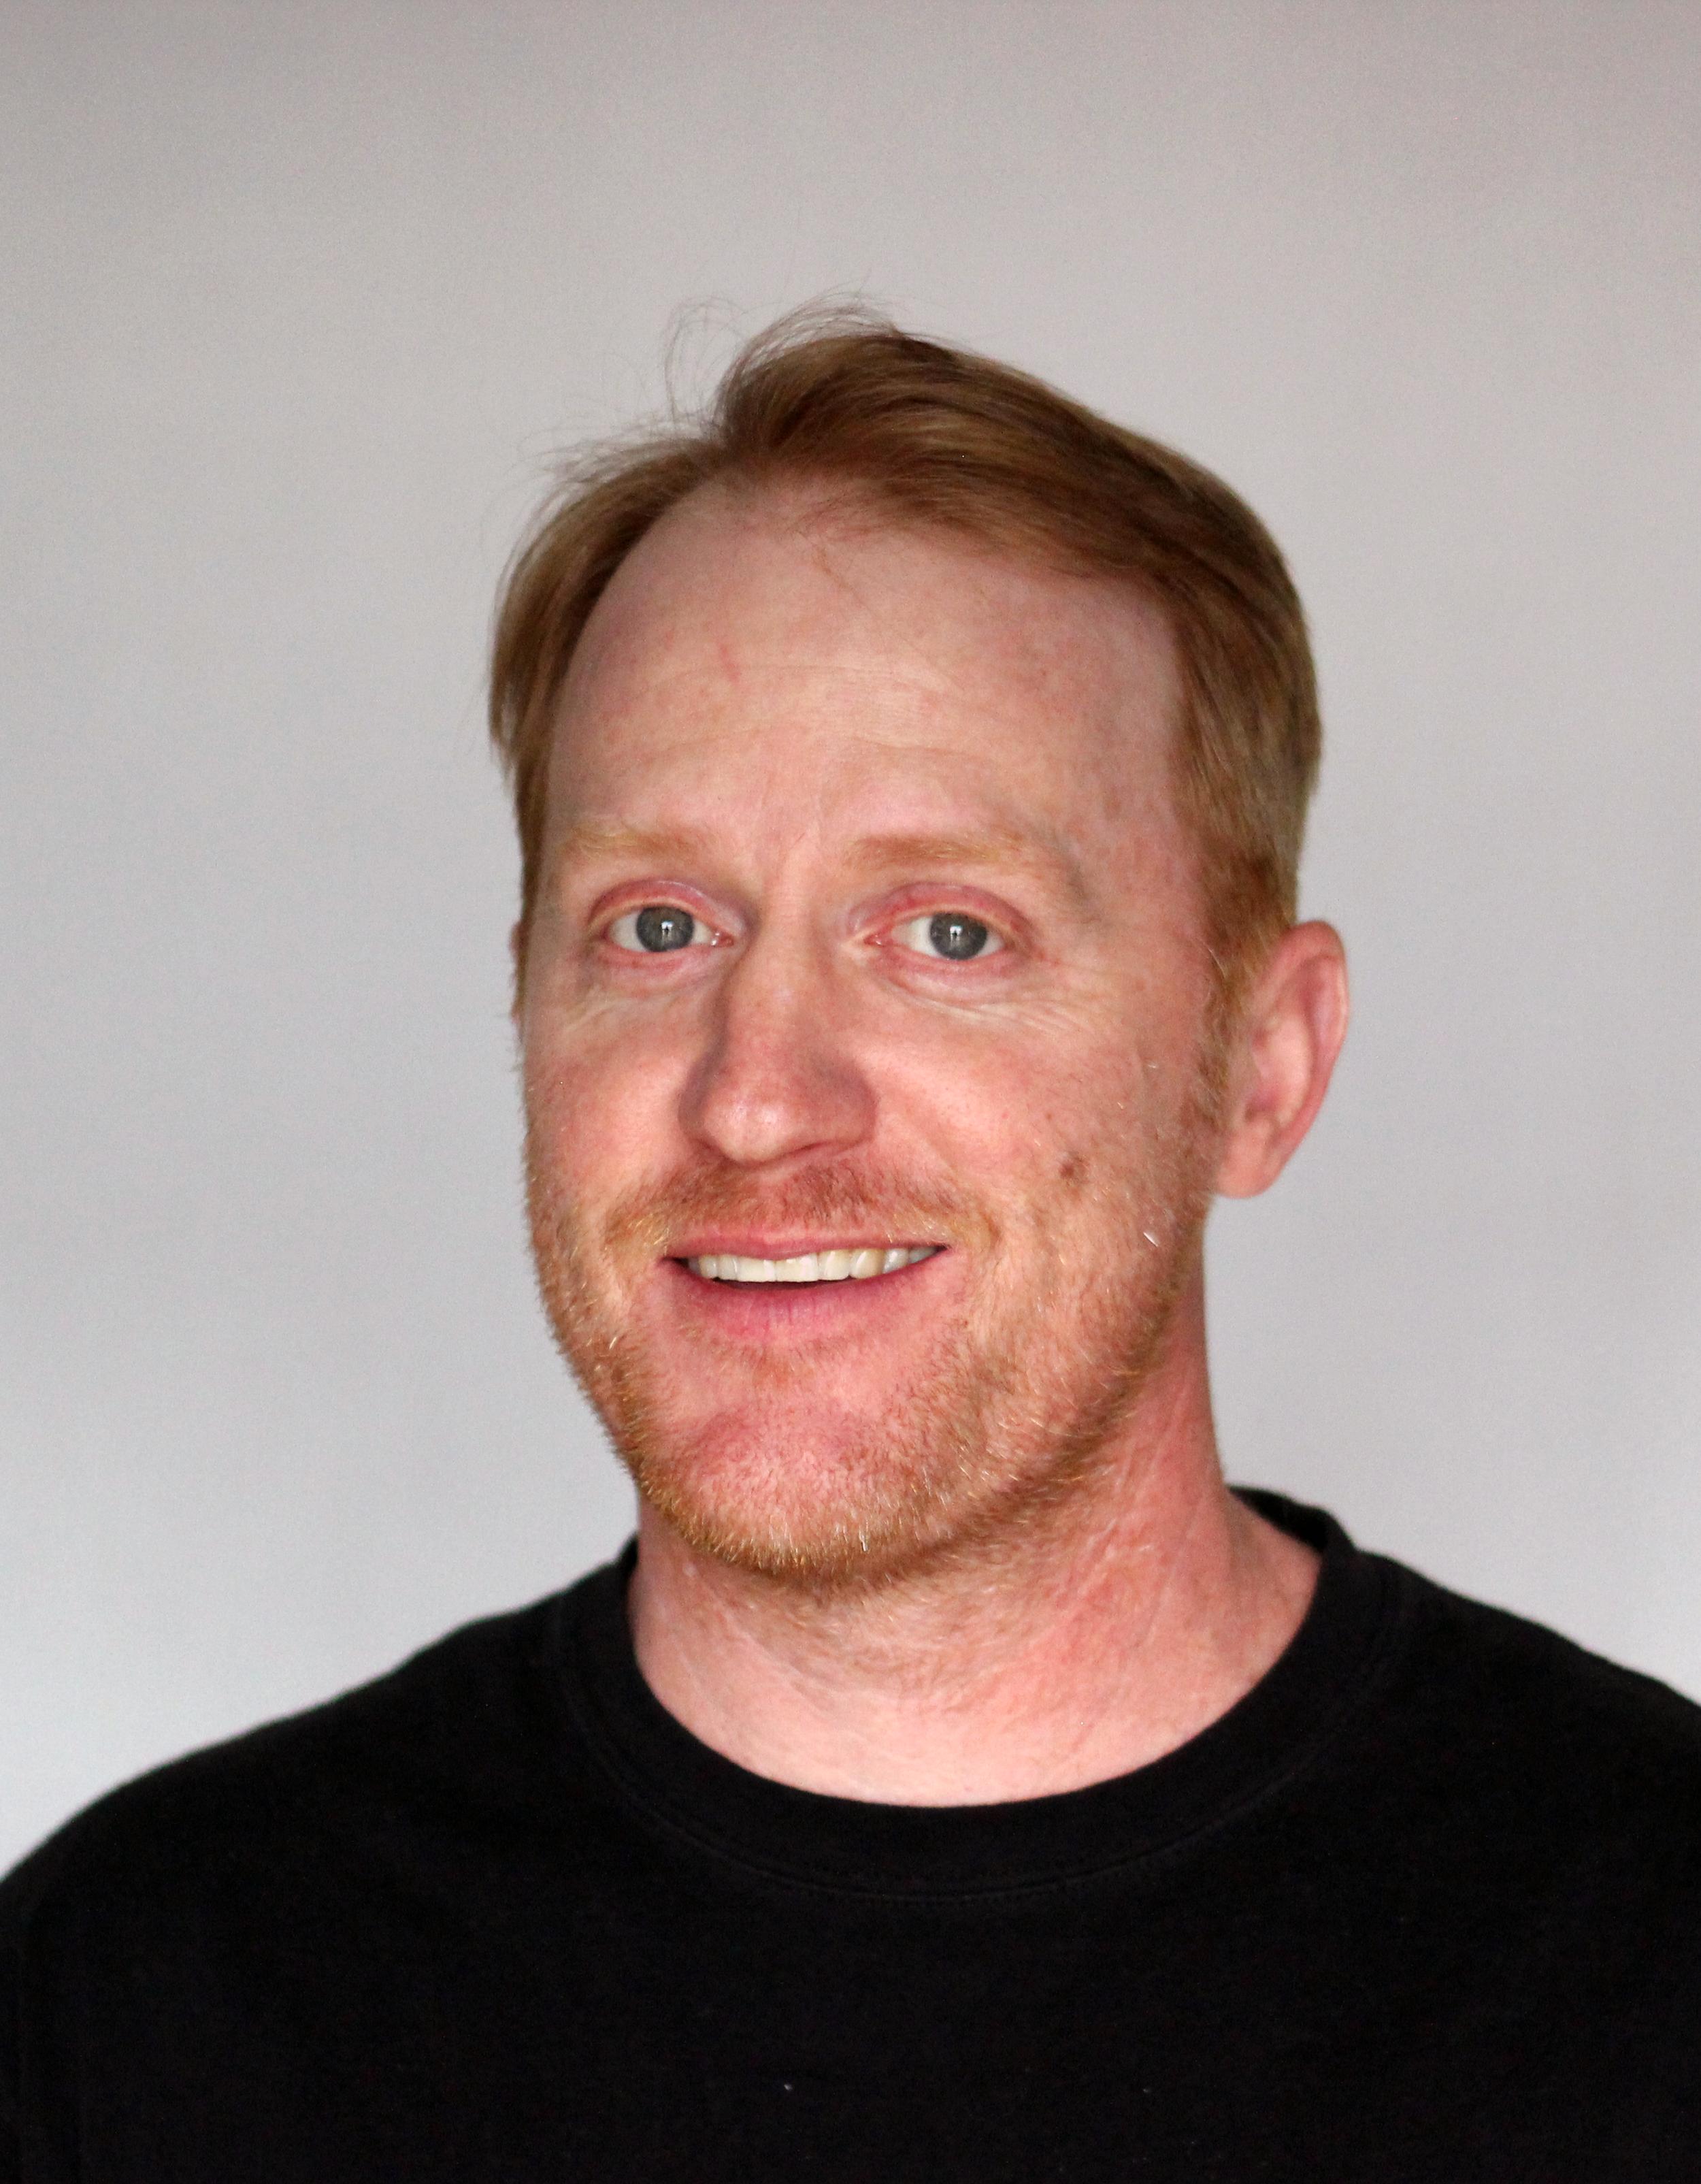 Chris Keith - Senior Engineer